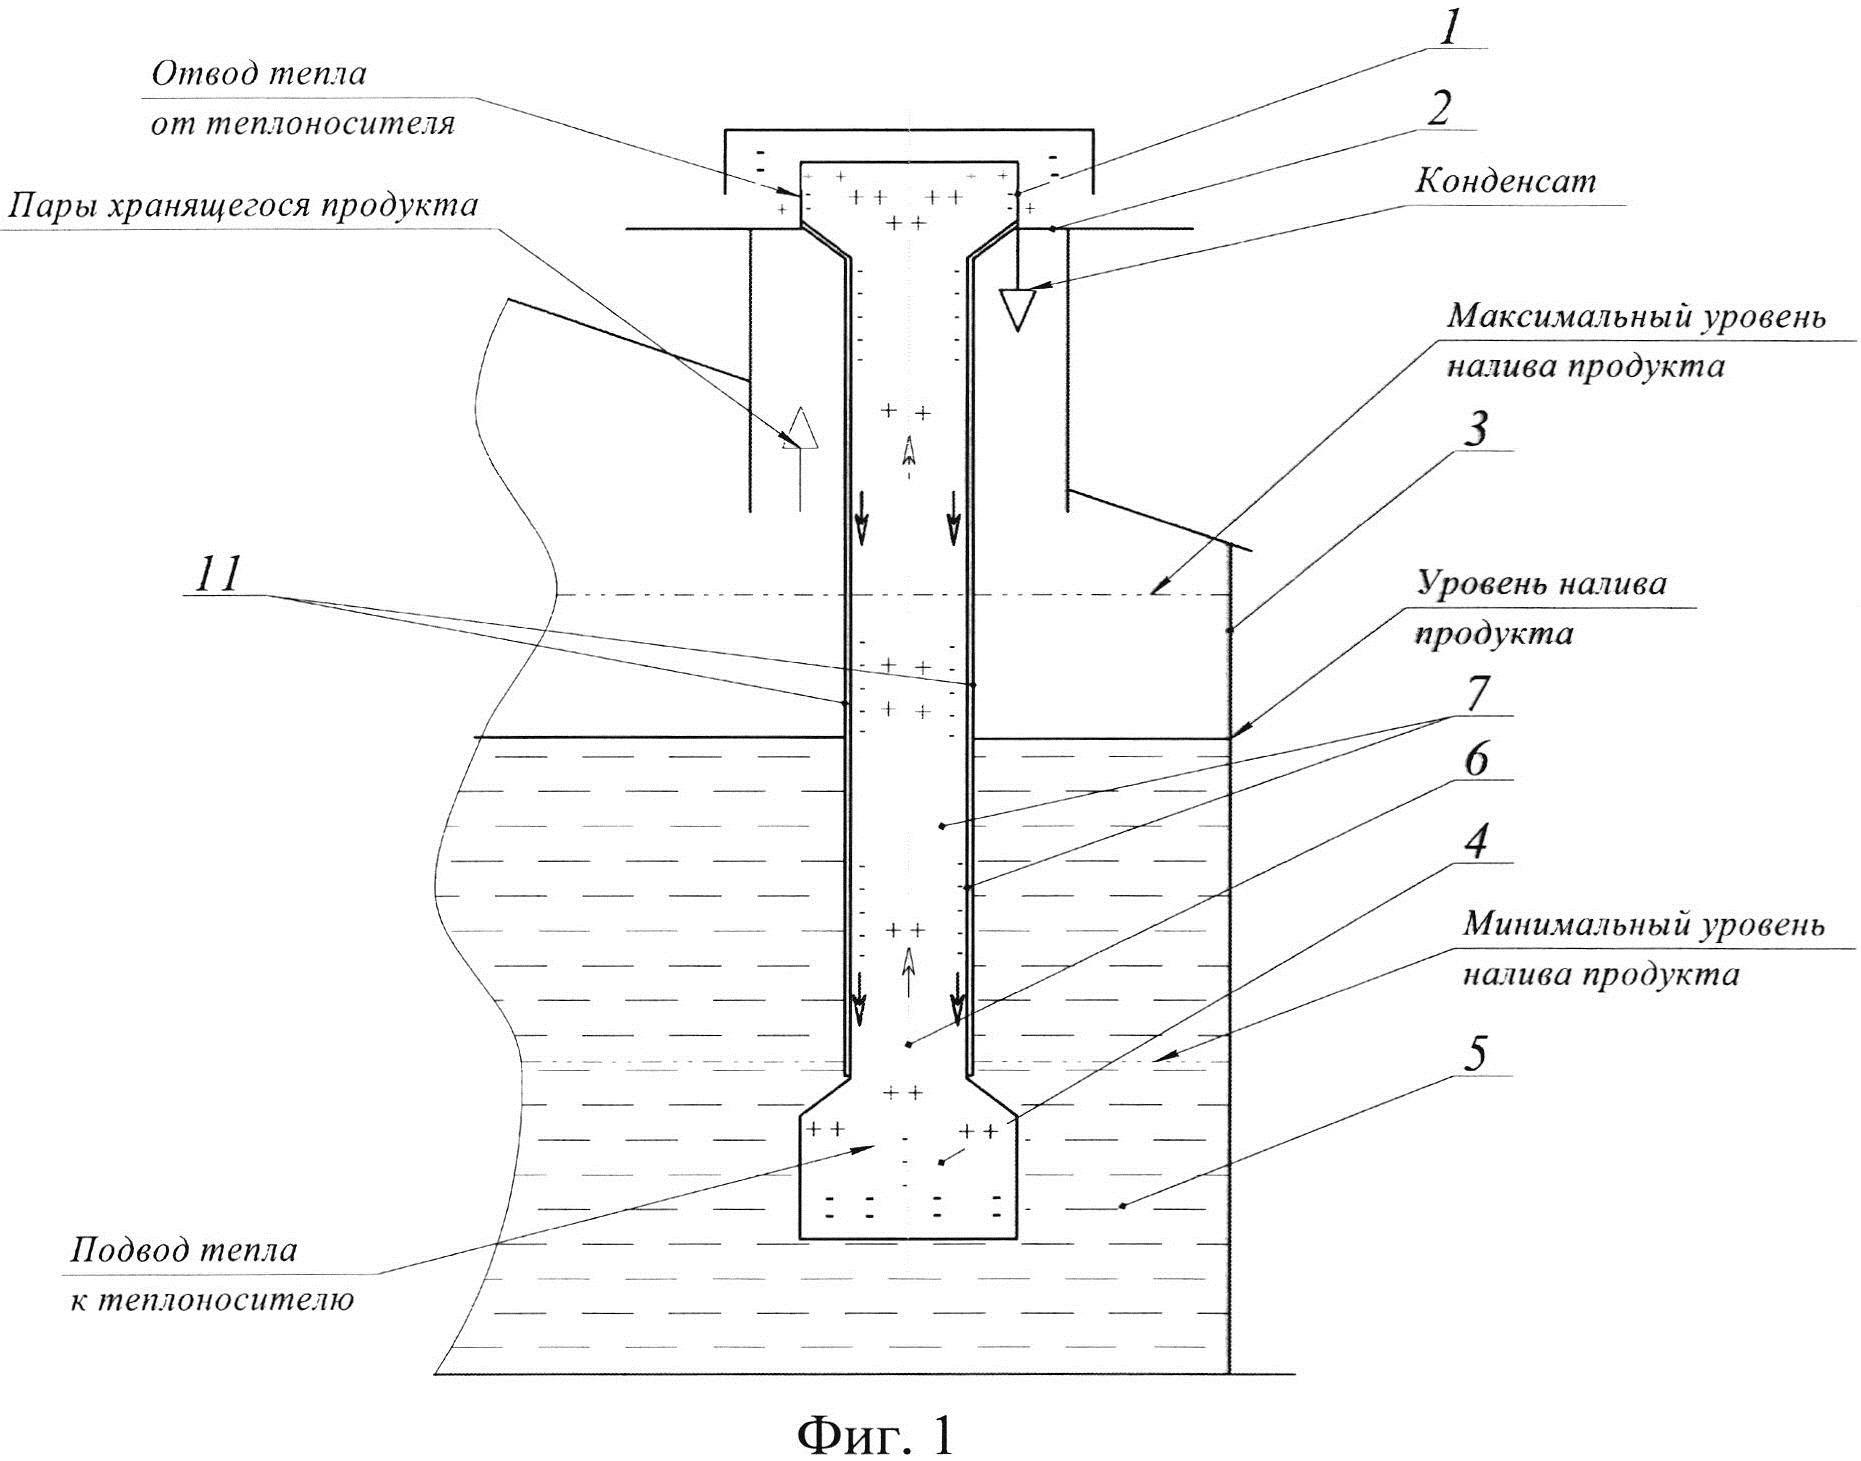 Устройство для защиты дыхательного оборудования резервуаров от закупорки вязкими фракциями и льдом (варианты)